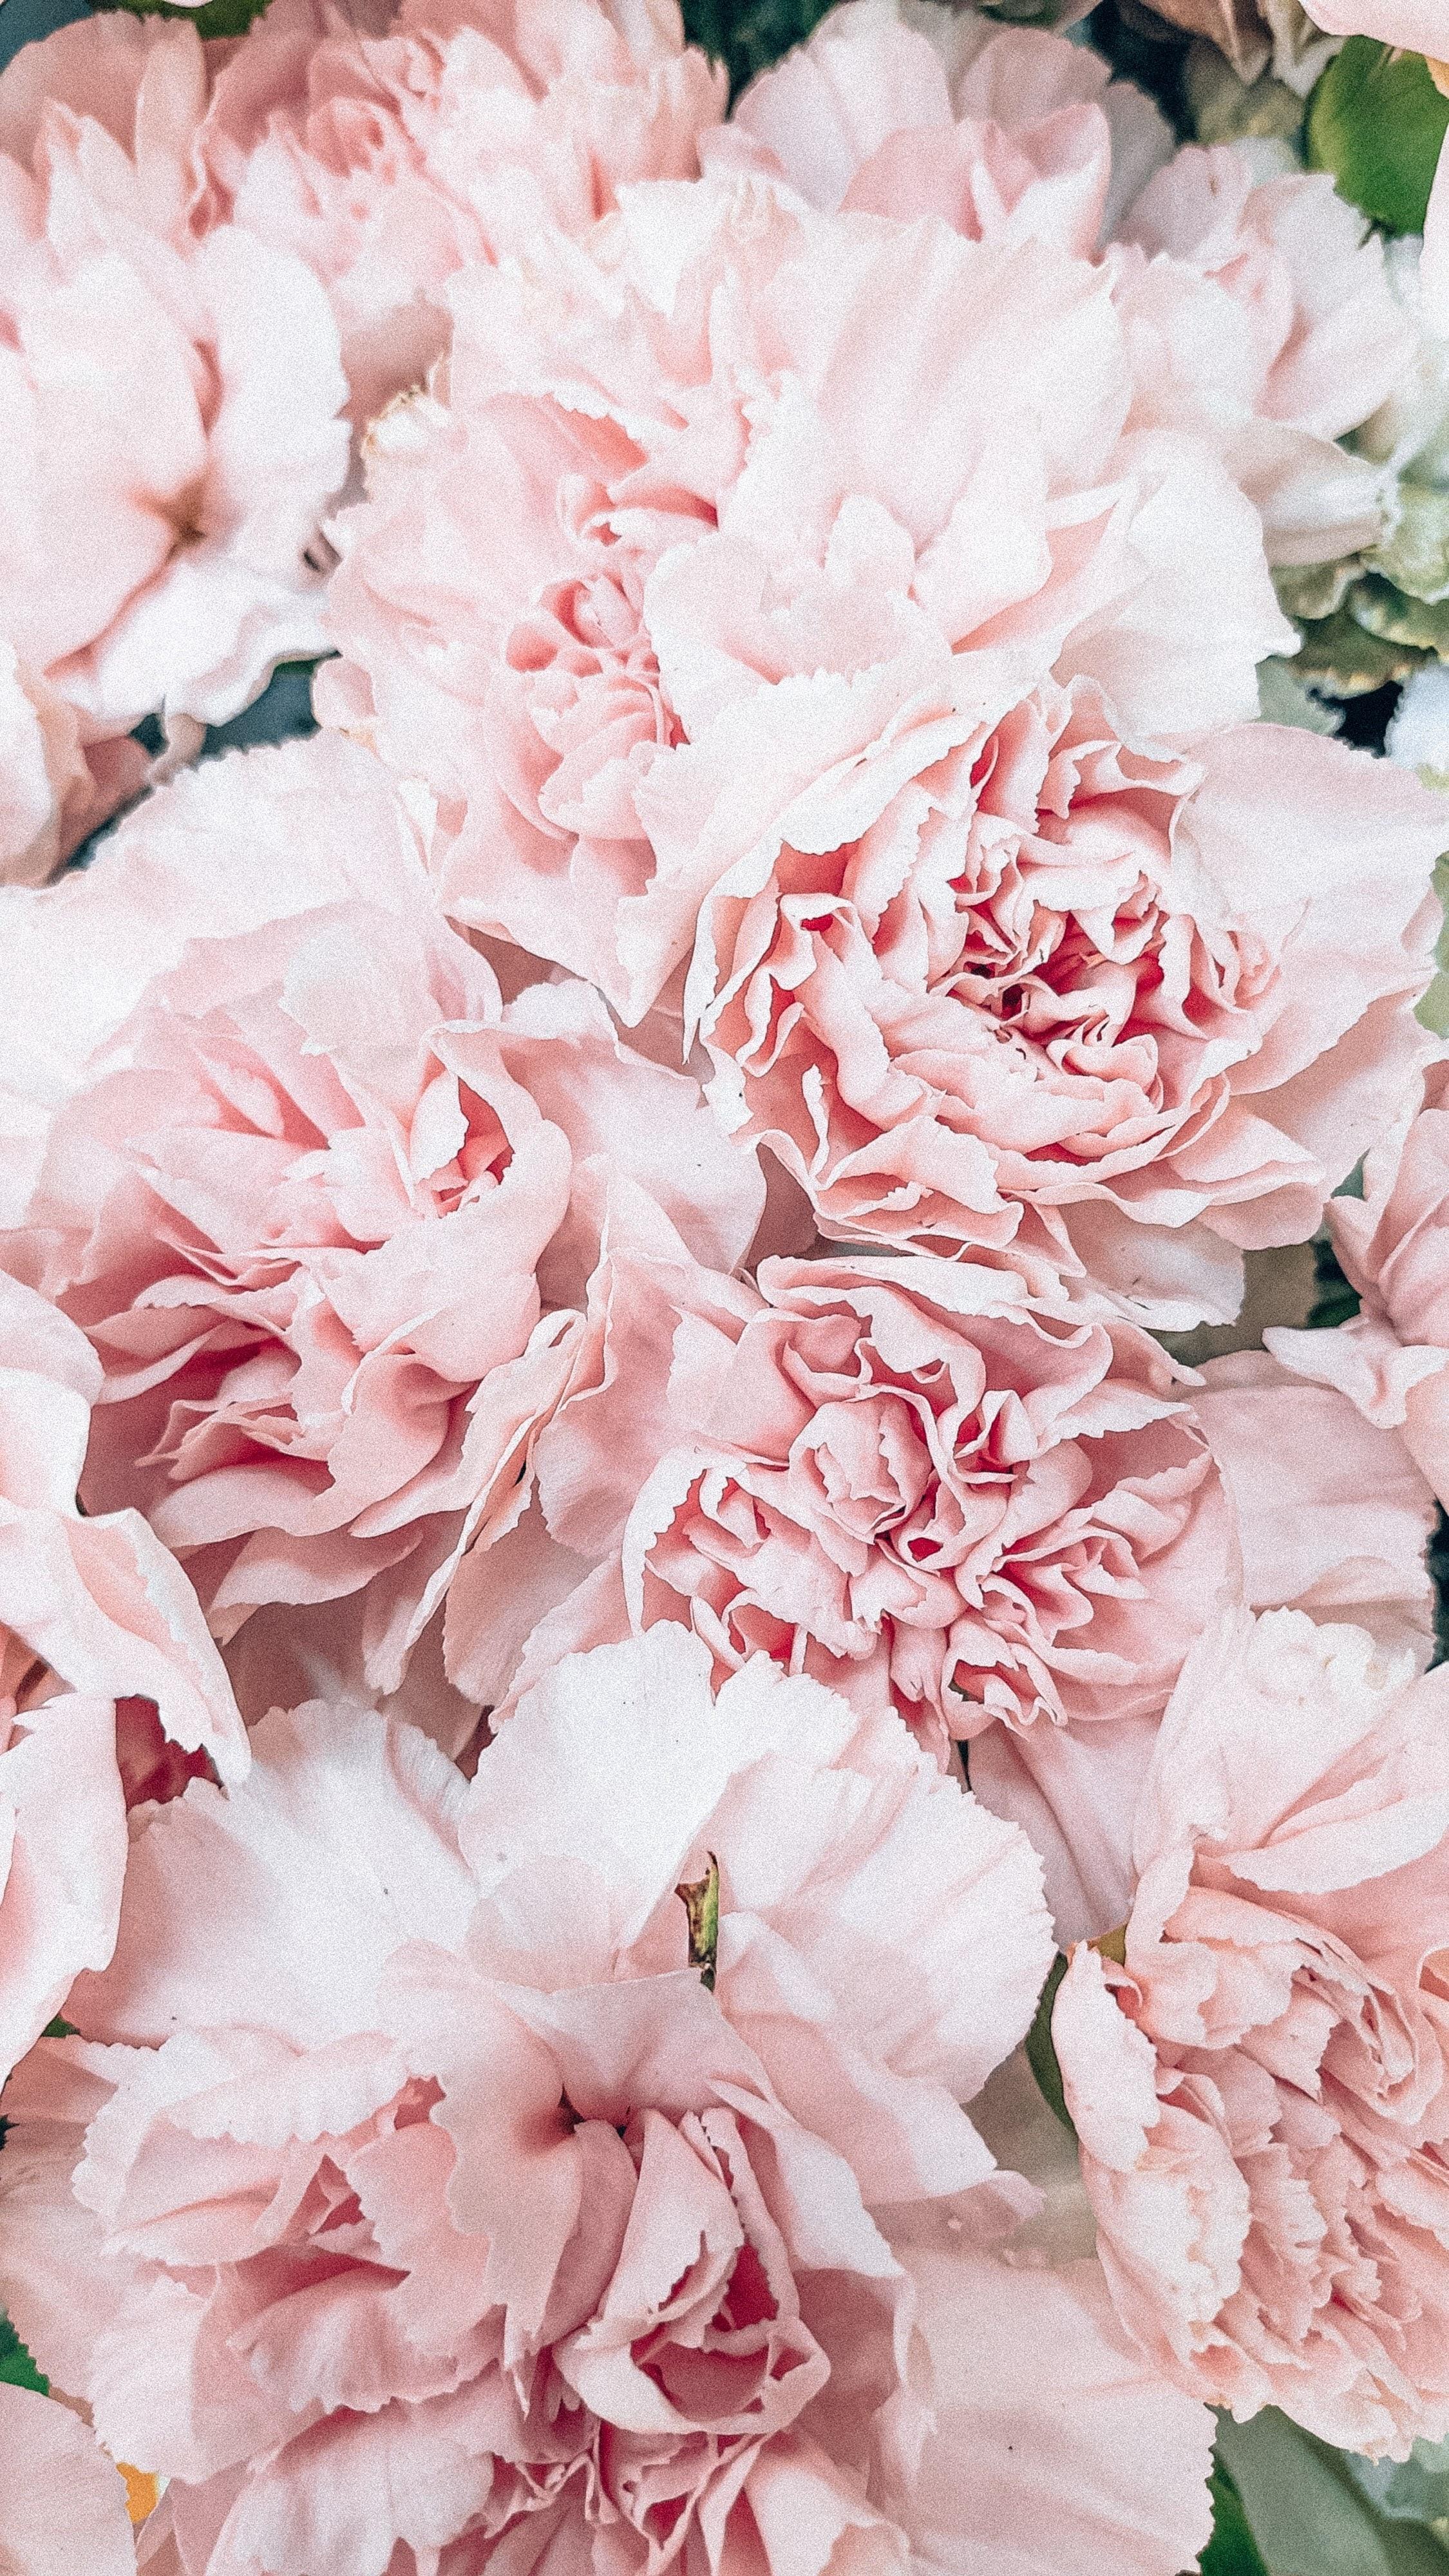 Pink Flower in Macro Lens | Photo by Rikonavt via Unsplash